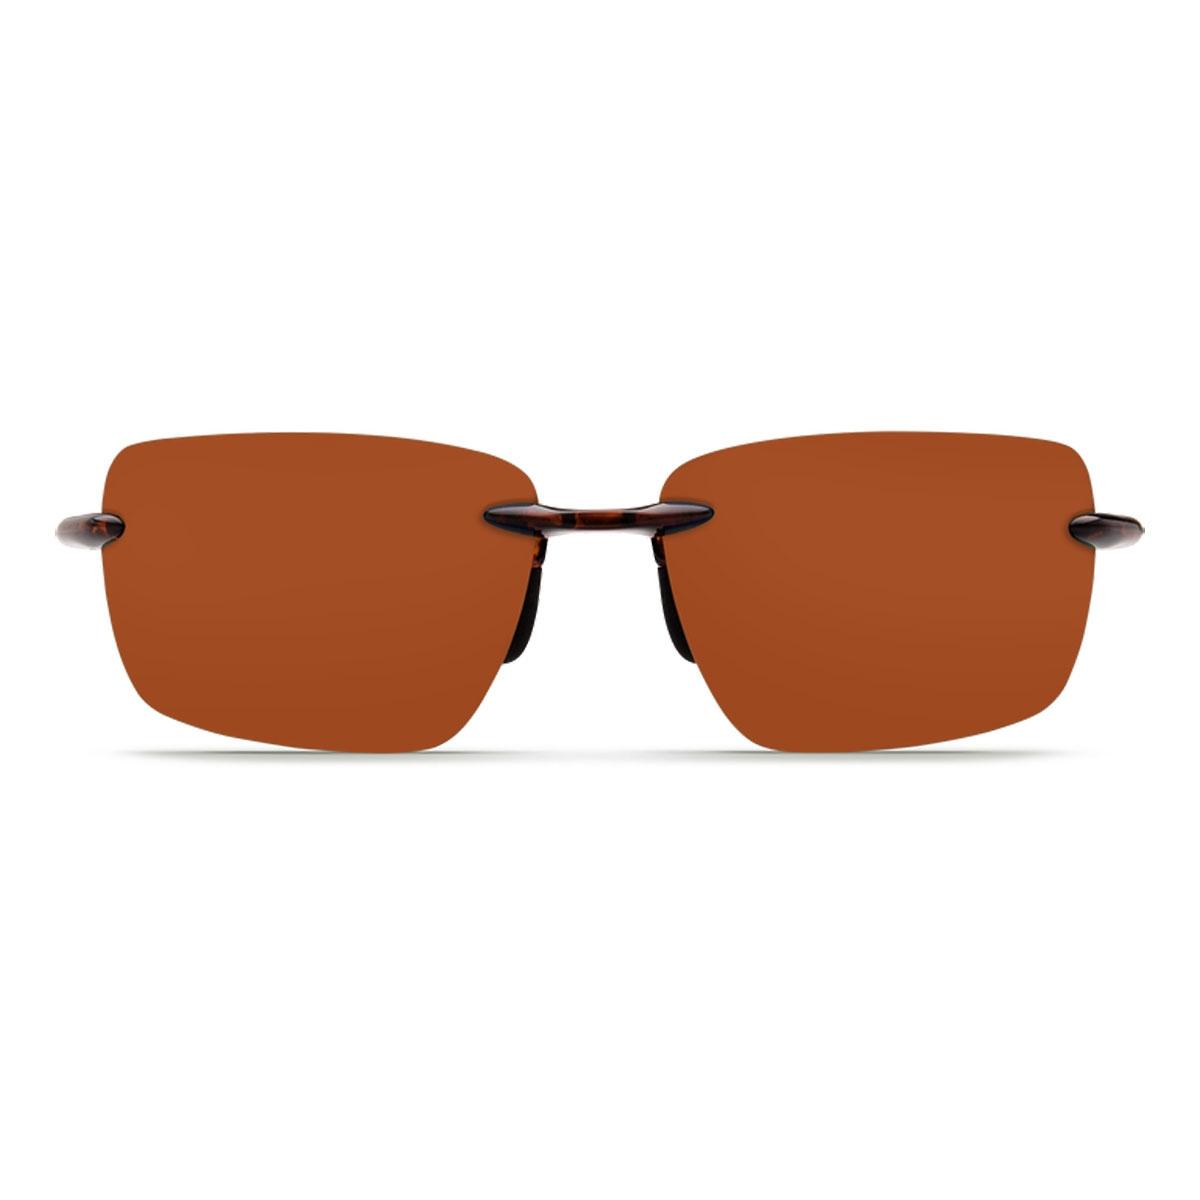 0a8396e4c4 ... Image of Costa Del Mar Gulf Shore Sunglasses - Tortoise Frame   Copper  580P Lens